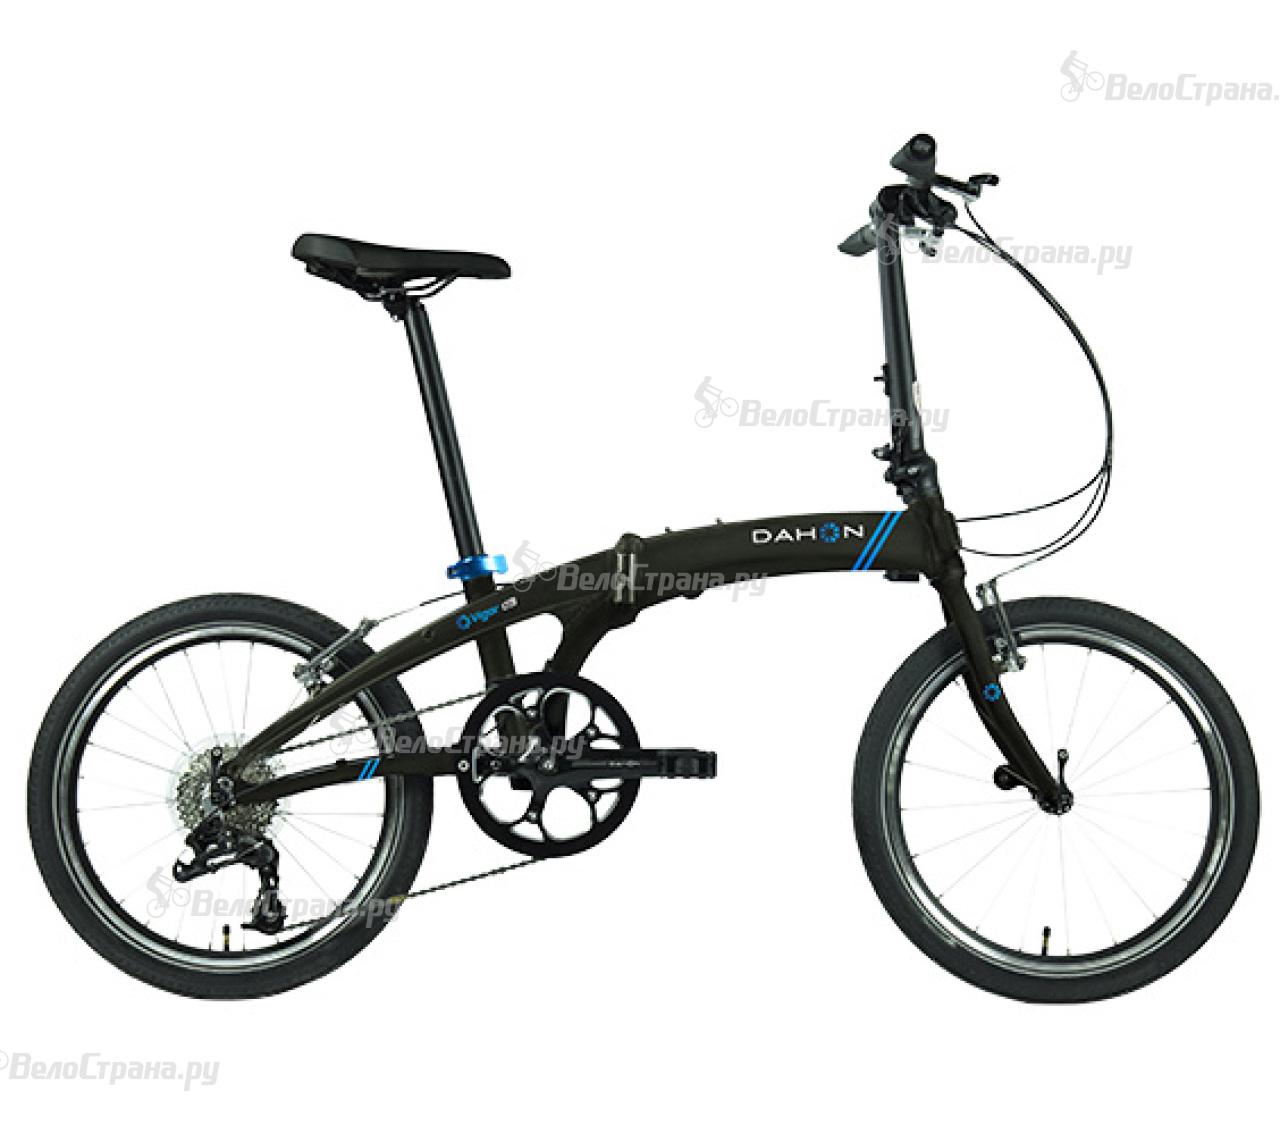 Велосипед Dahon Vigor D9 (2017) велосипед dahon speed d7 2014